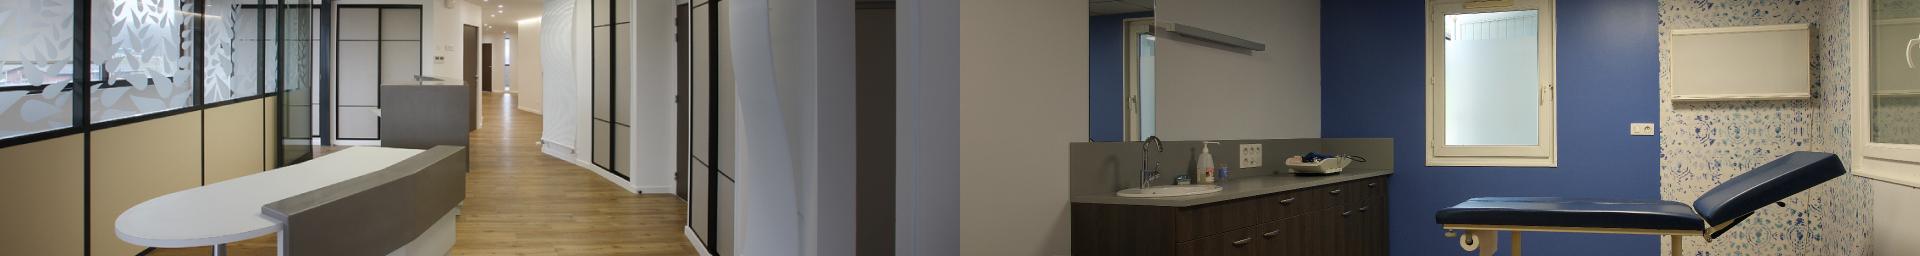 Amenagement interieur cabinet medical titre copernic for Amenagement interieur metier